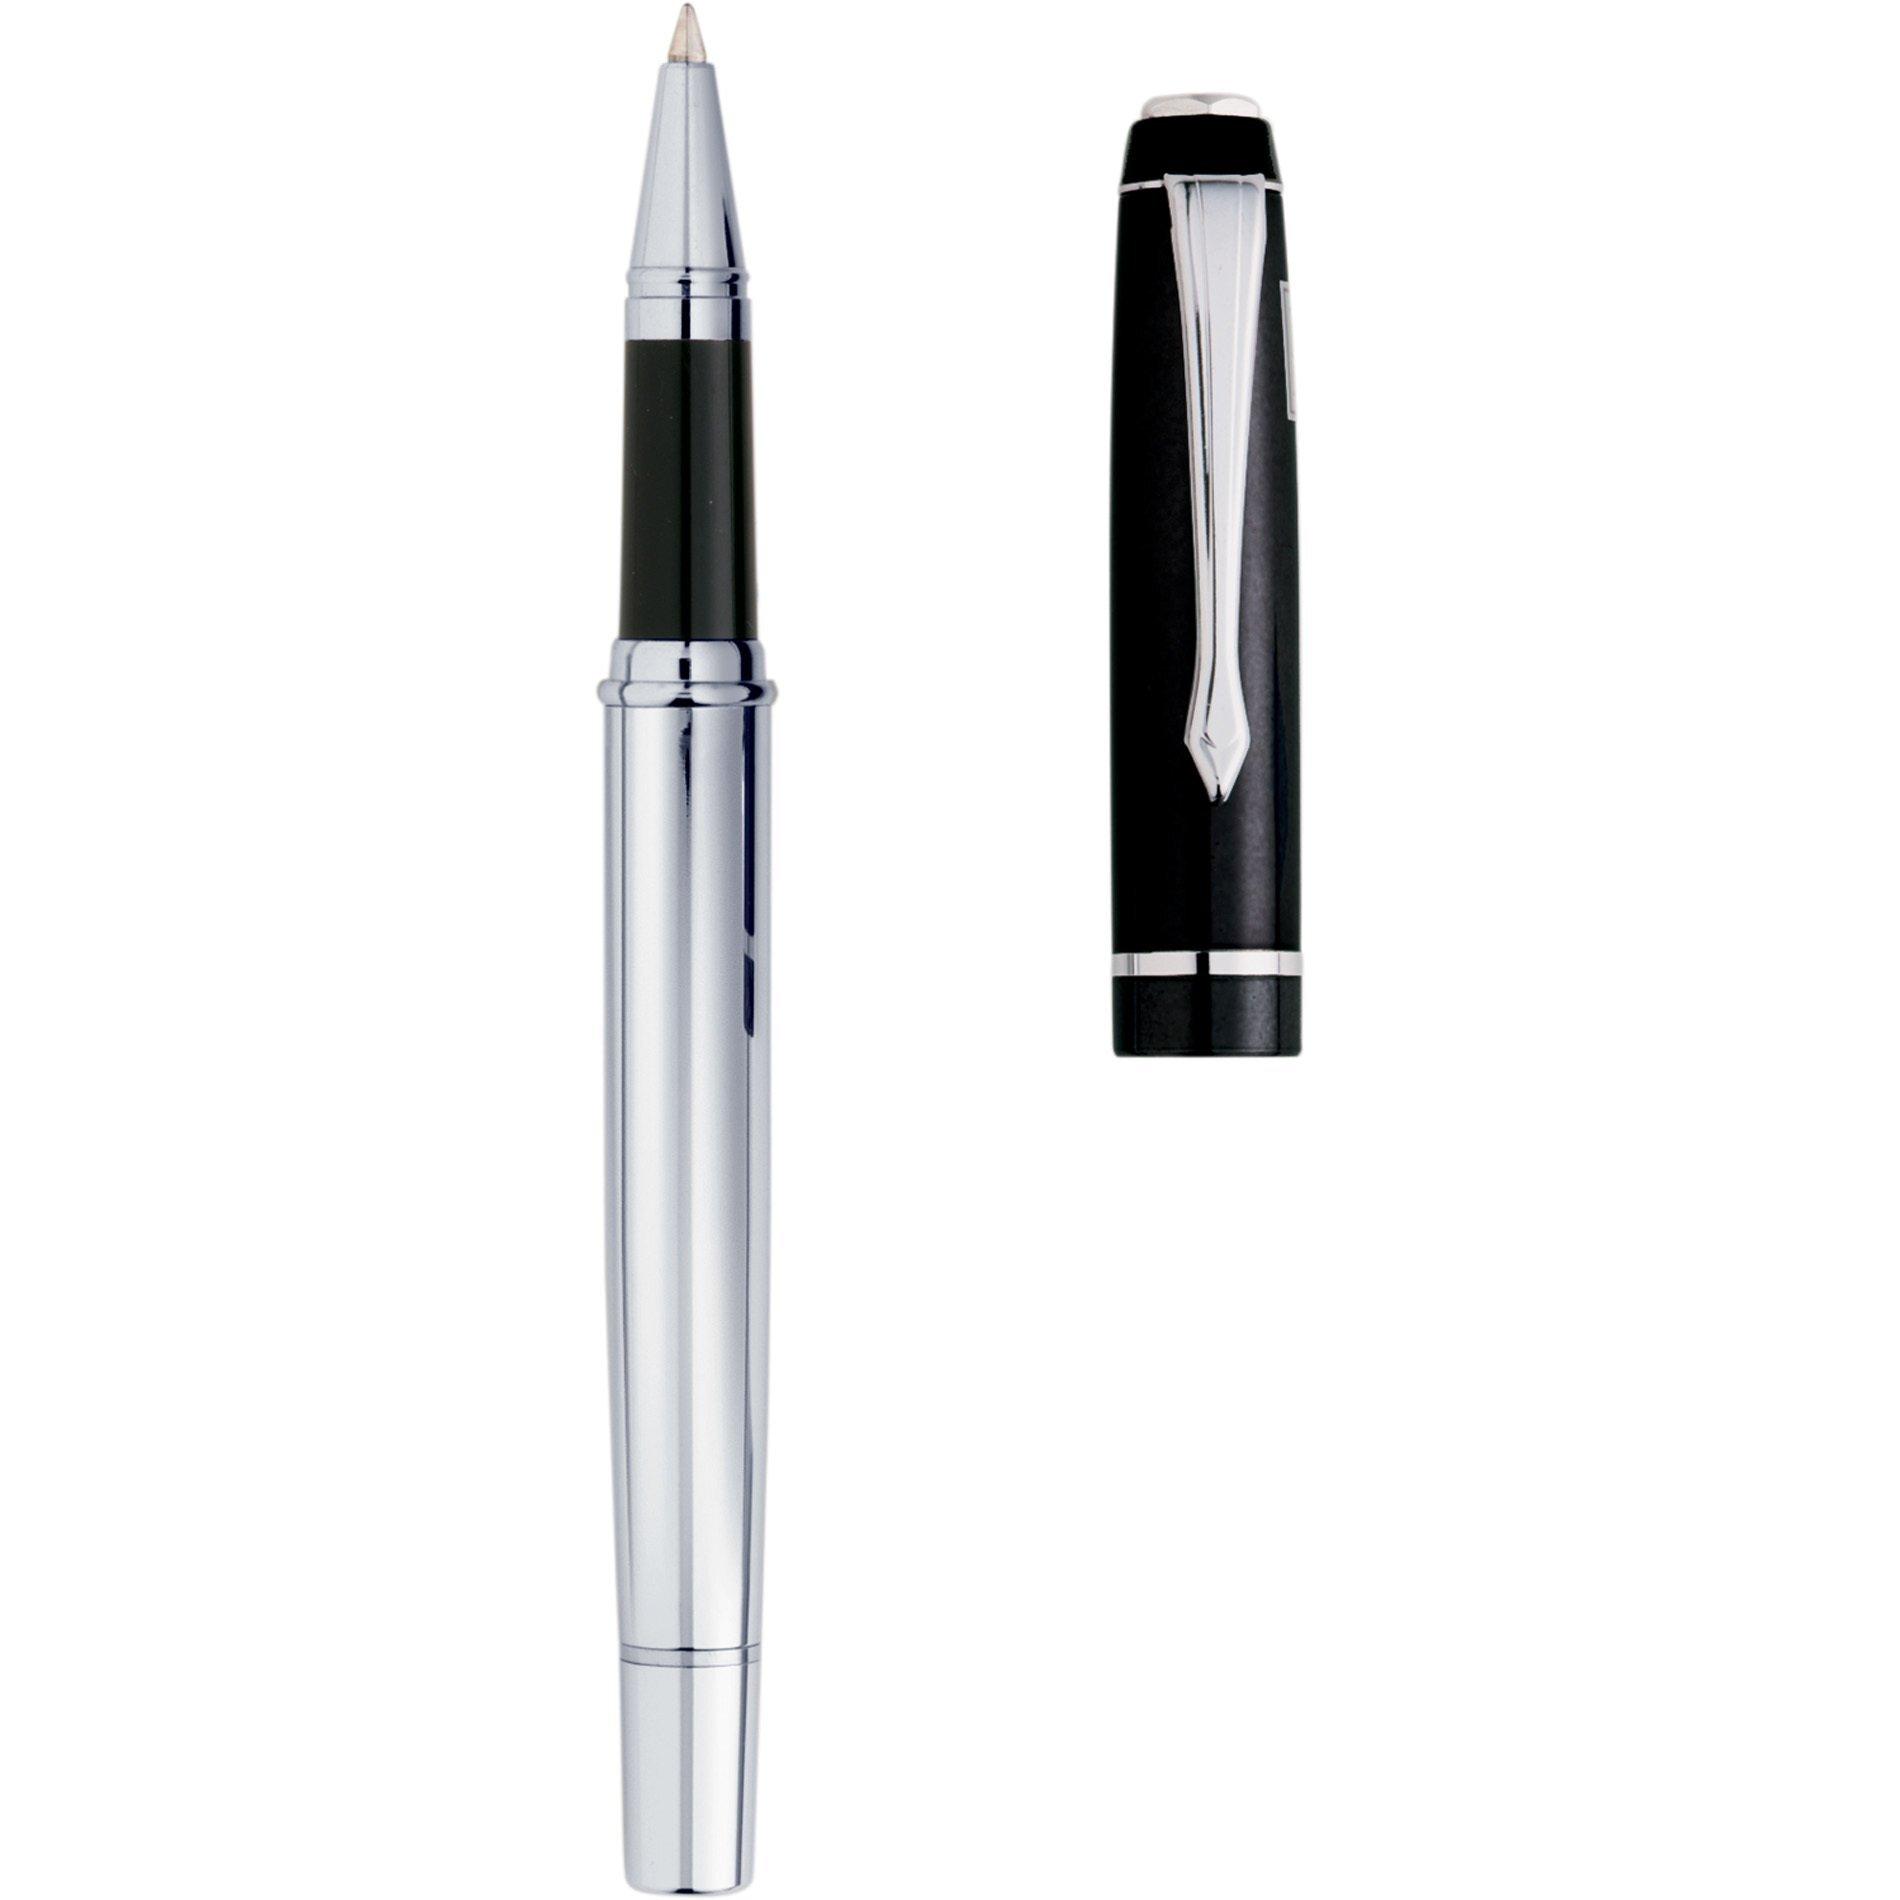 Allegro Rollerball Metal Gift Pen